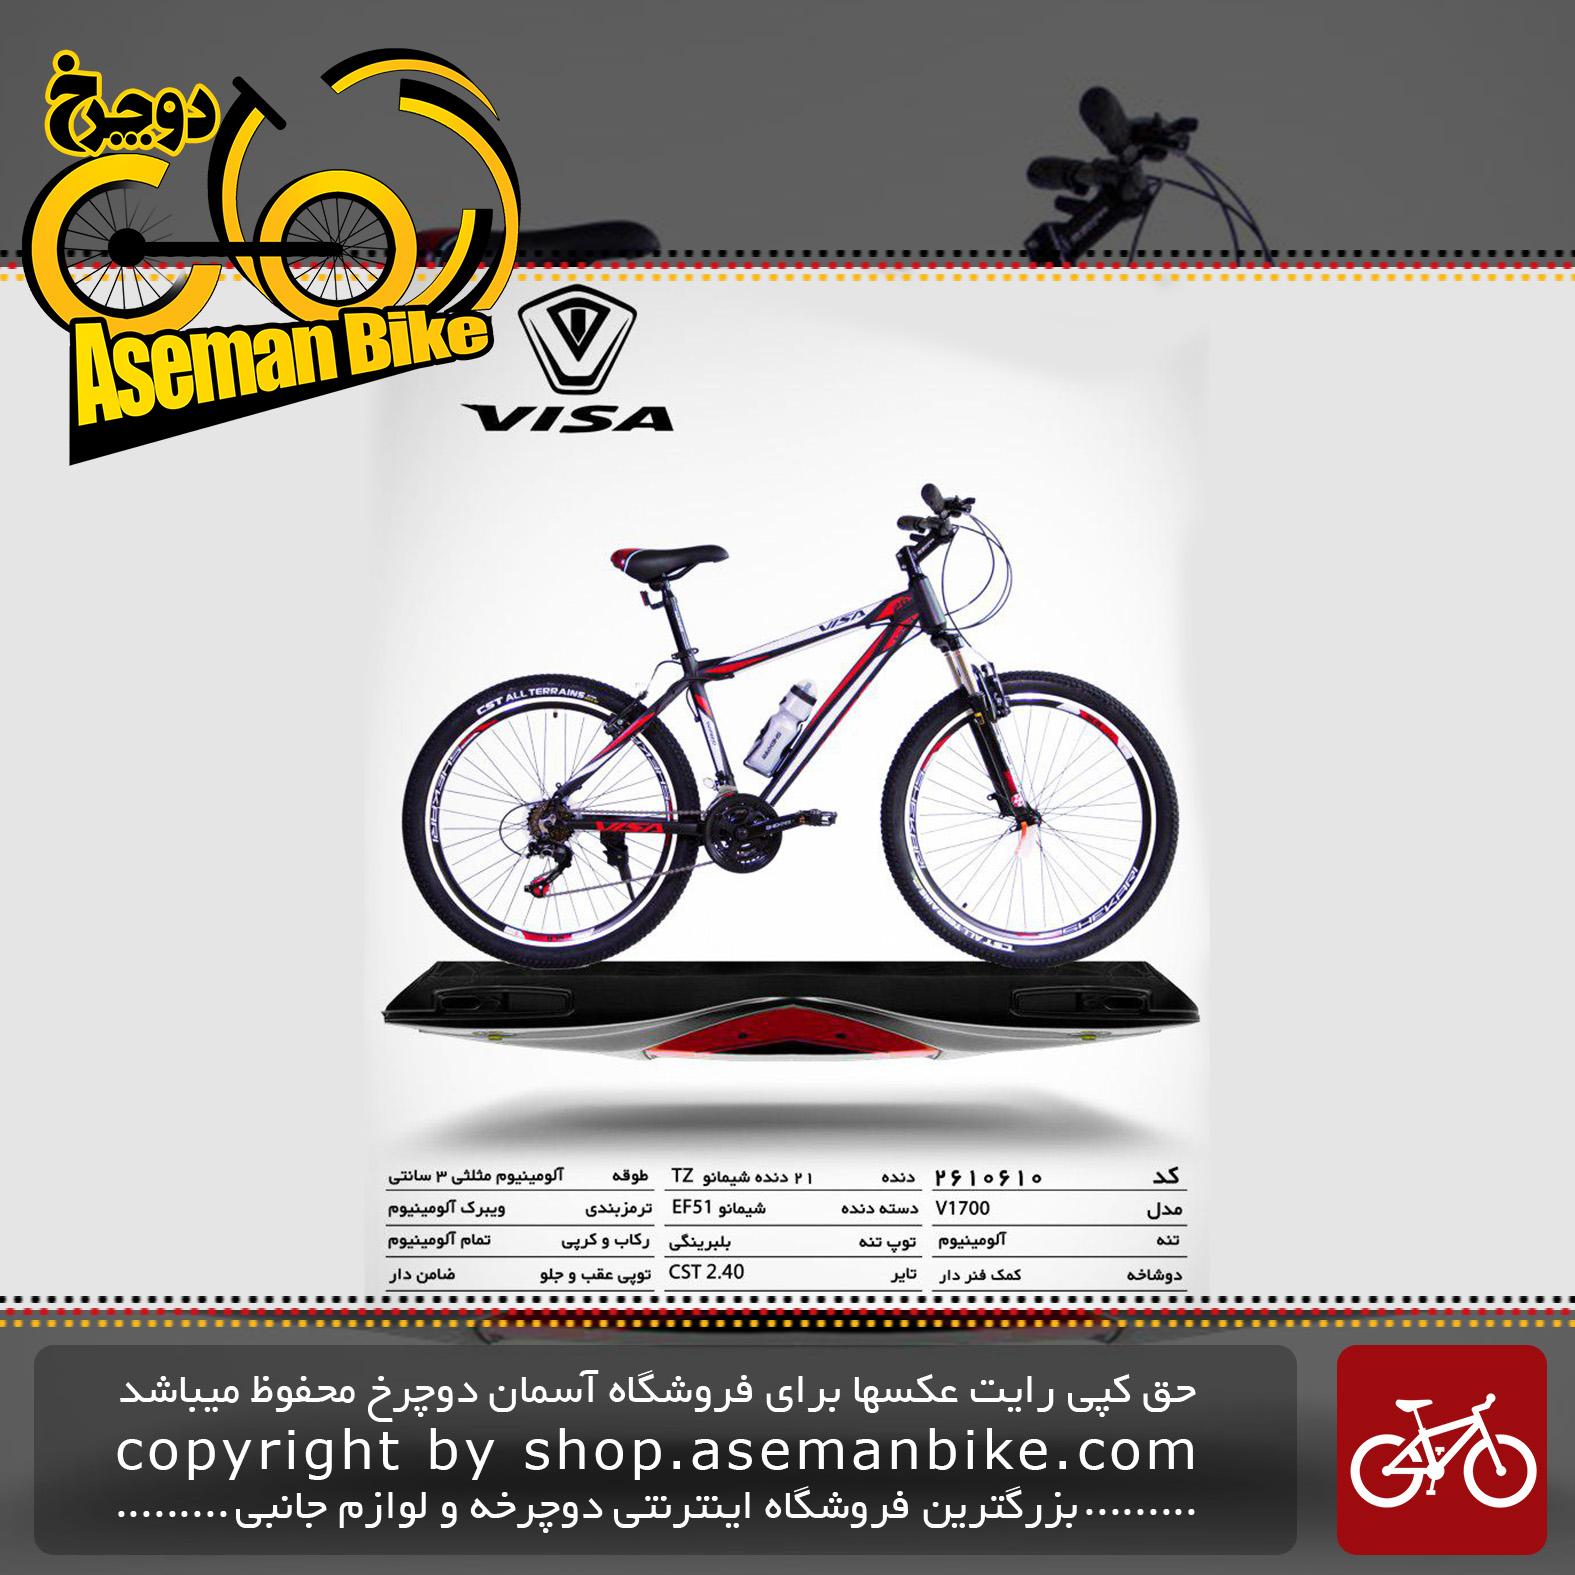 دوچرخه کوهستان ویزا21 دنده شیمانو تورنی تنه آلومینیوم سایز26مدل وی1700 visa bicycle 26 21 speed shimano tourney tz aluminum vb v1700 2019